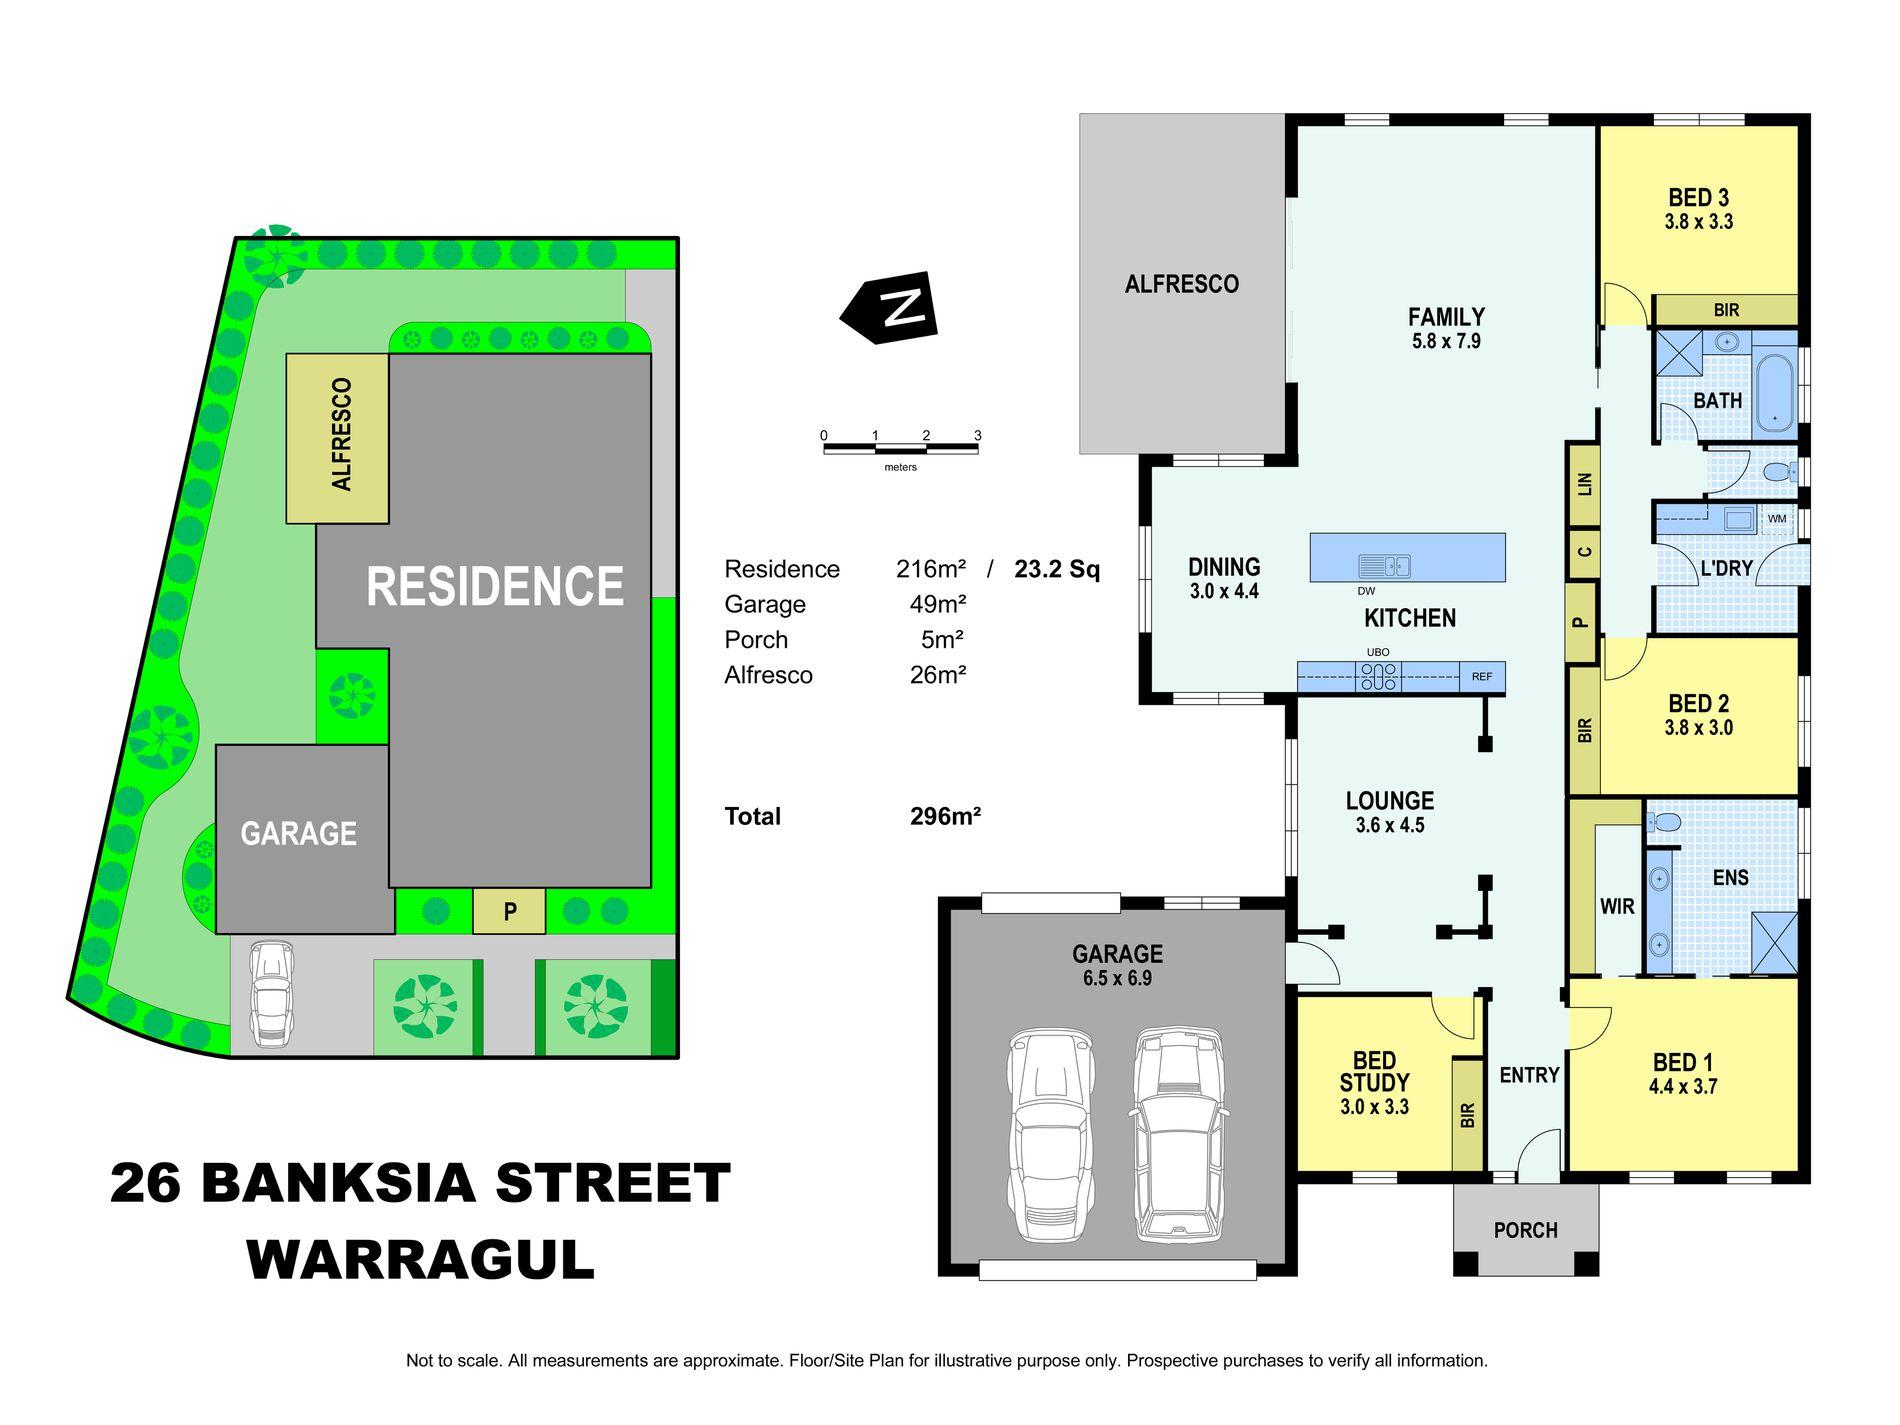 26 Banksia Street, Warragul